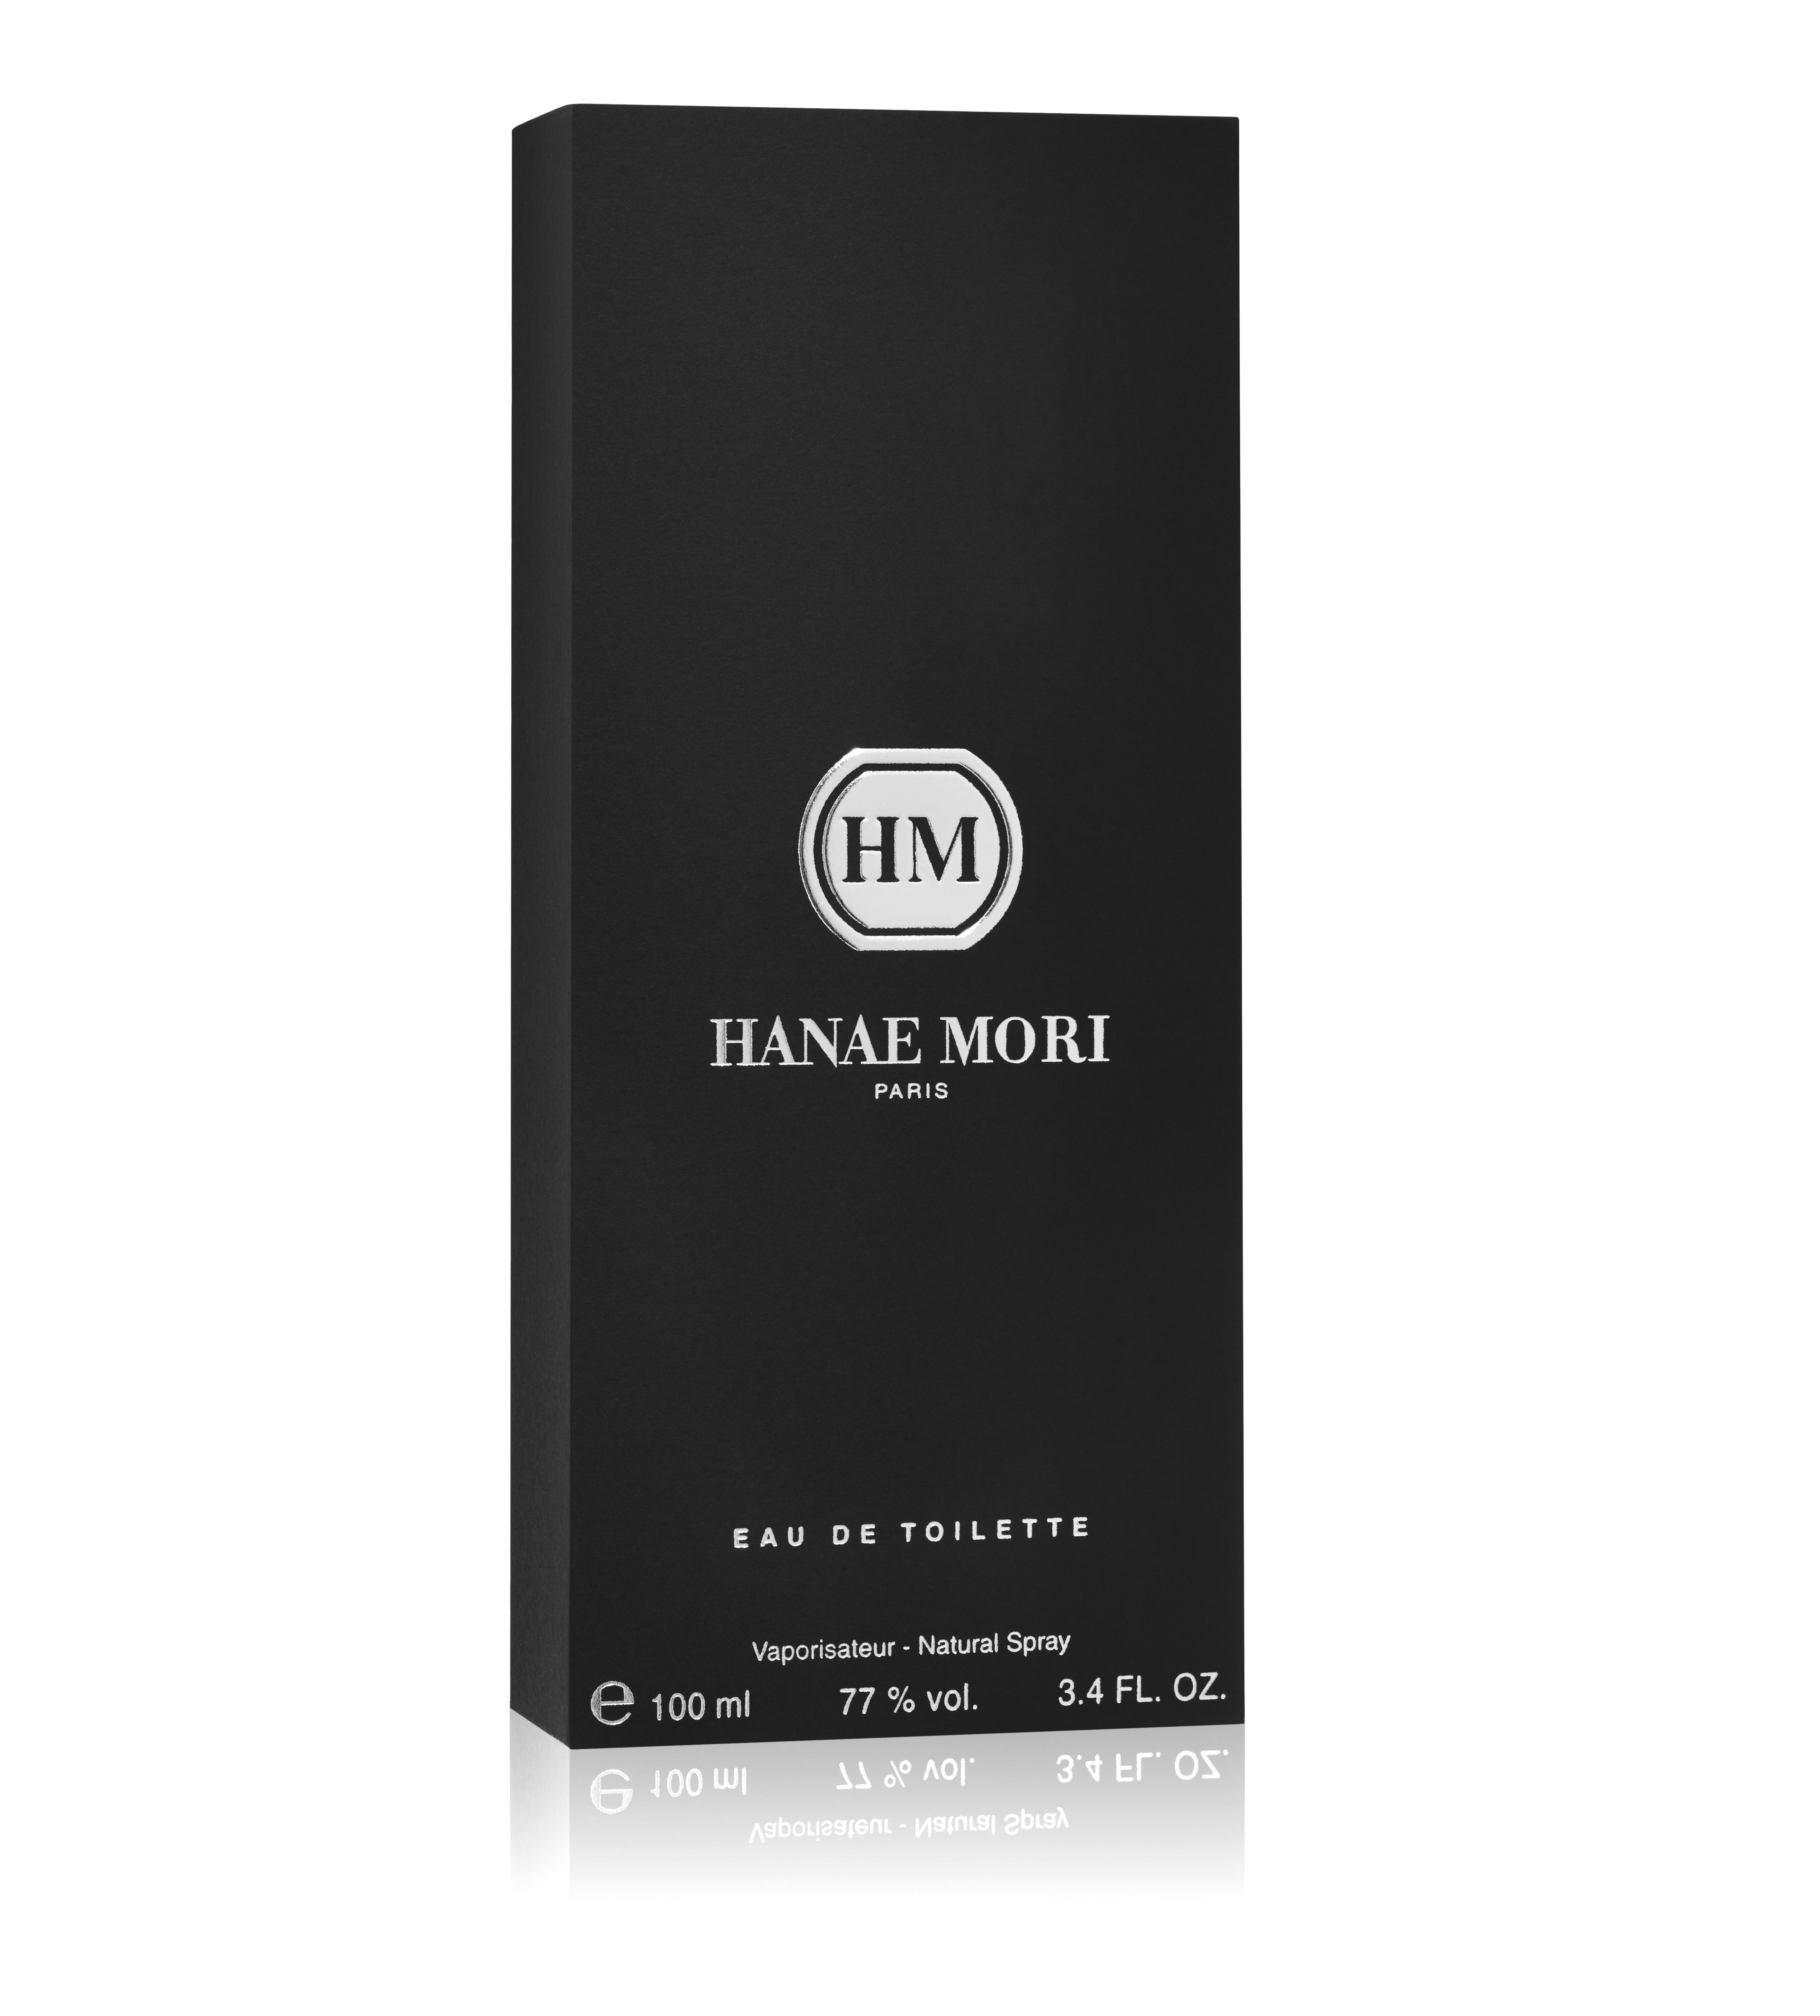 HAN_HM_100ML_EDT_ETUI